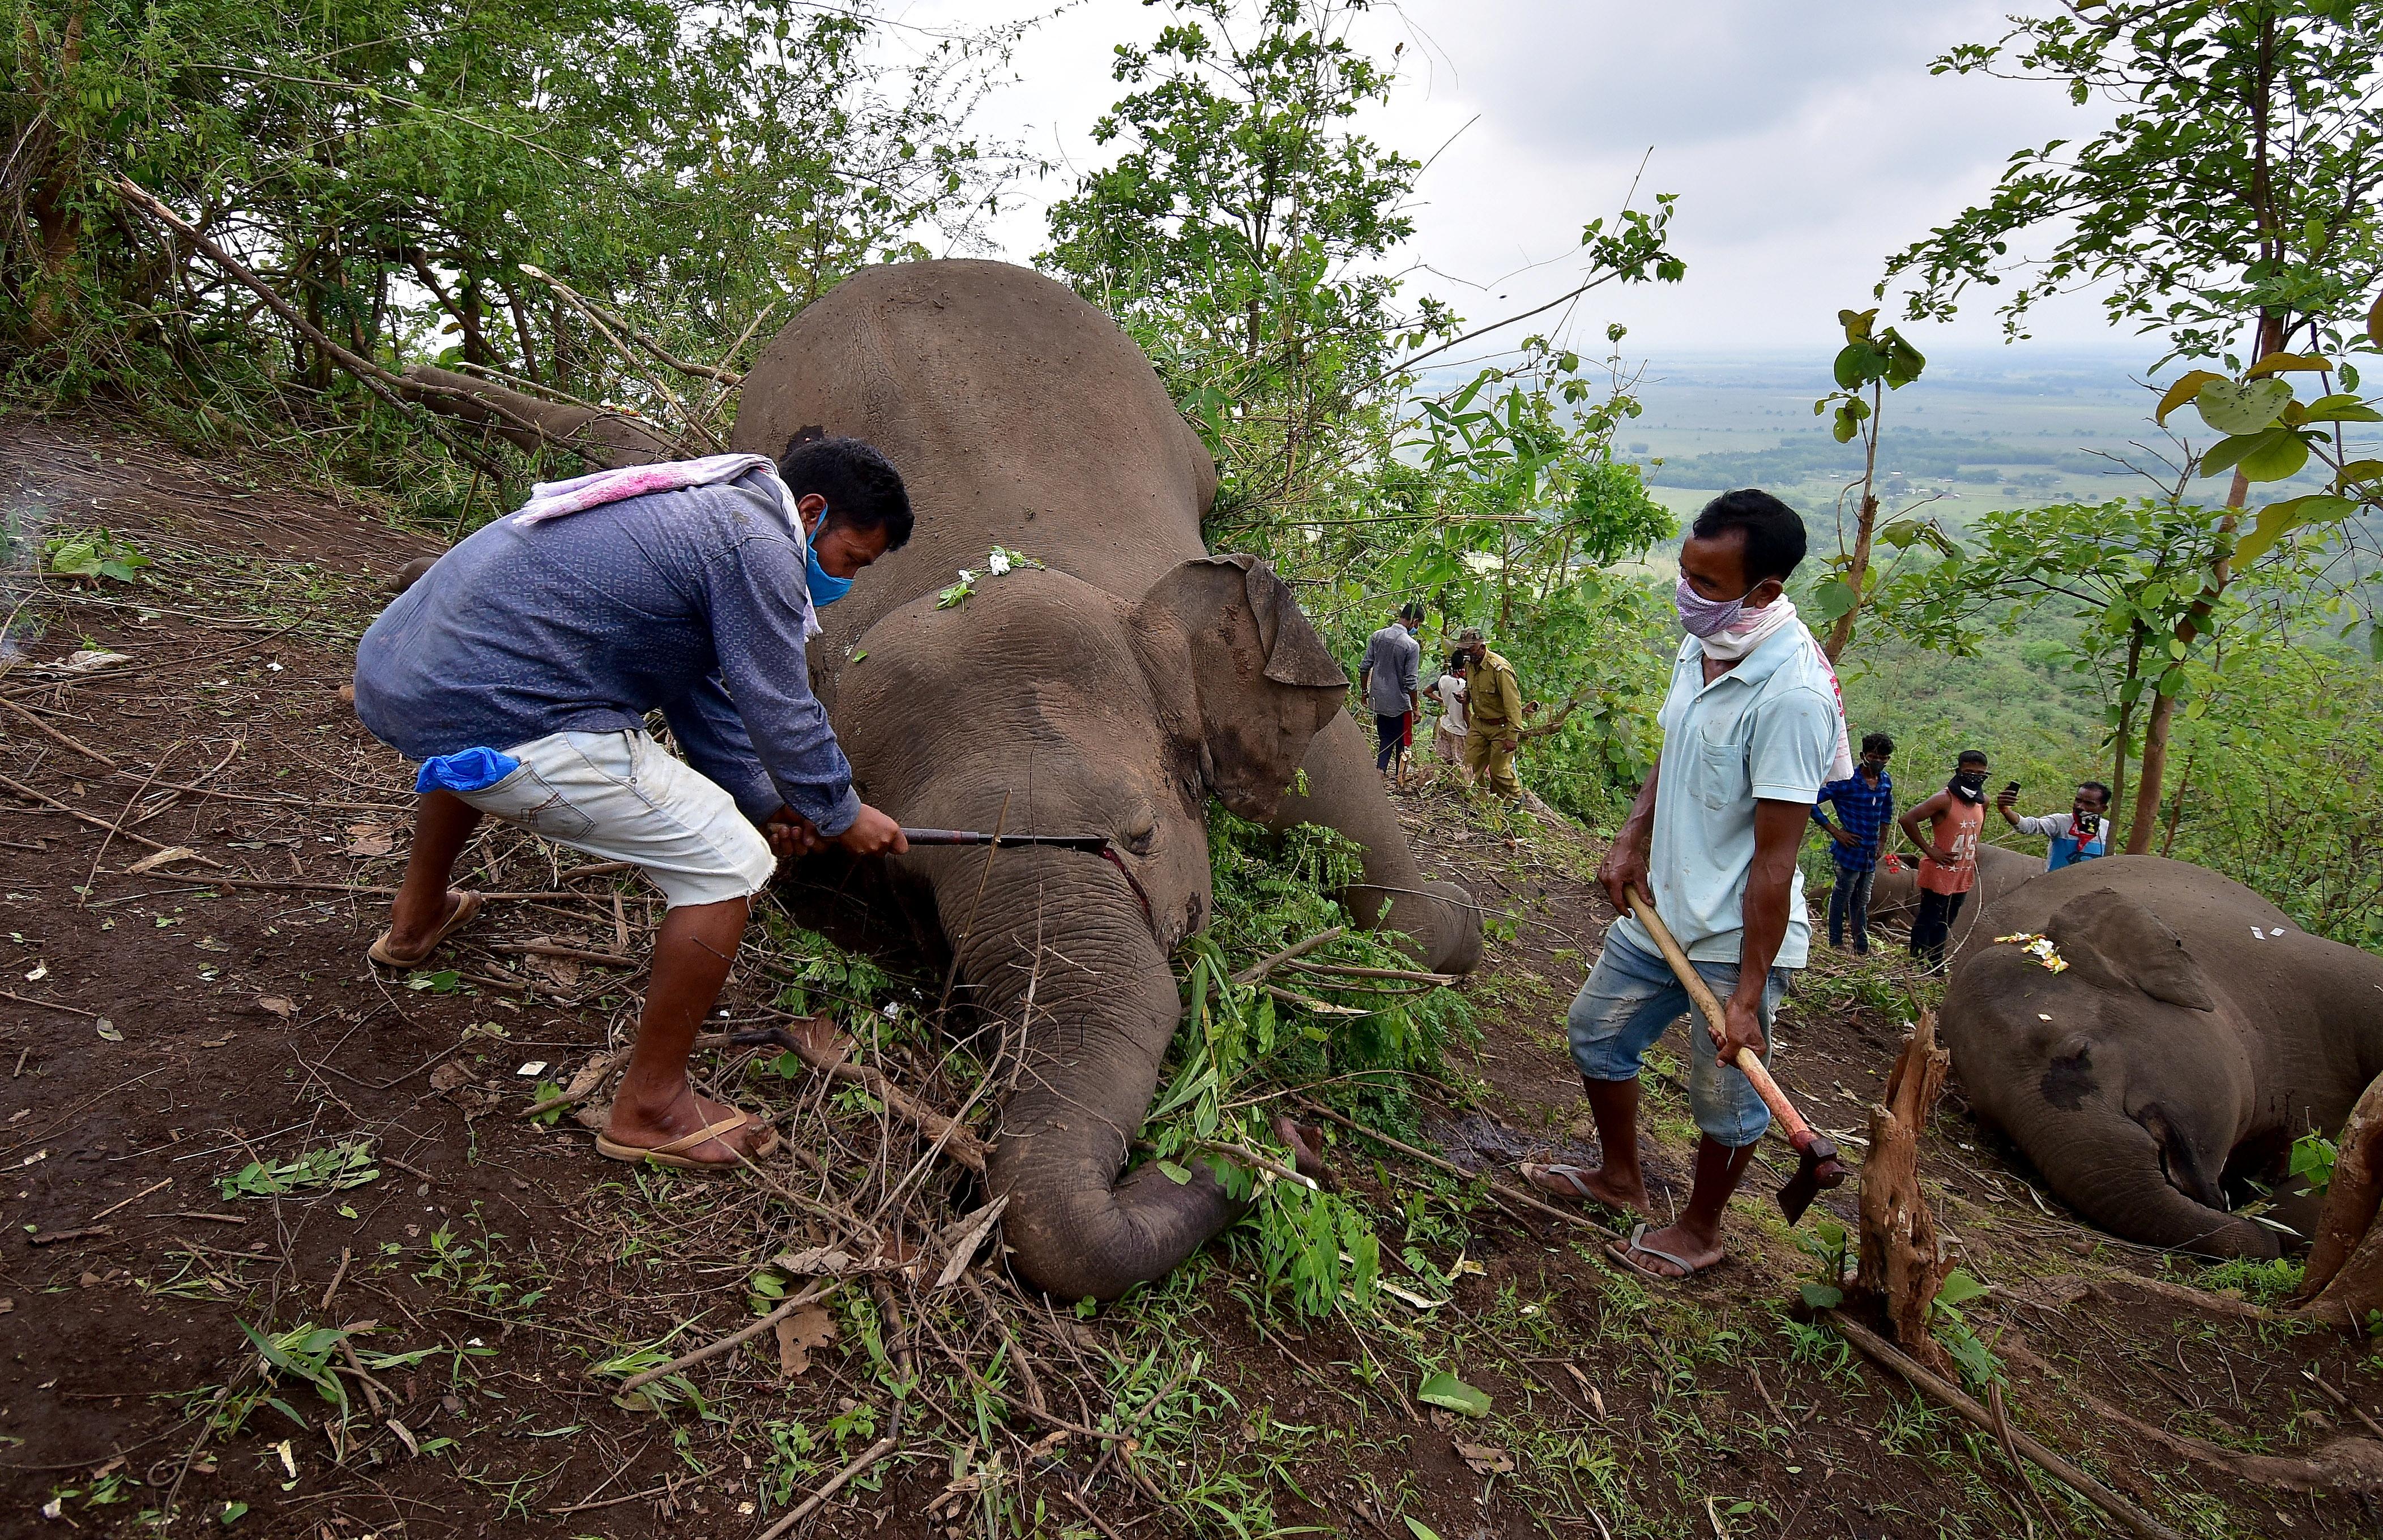 nekroi-18-agrioi-asiatikoi-elefantes-mesa-se-prostayteyomeno-dasos-stin-india3